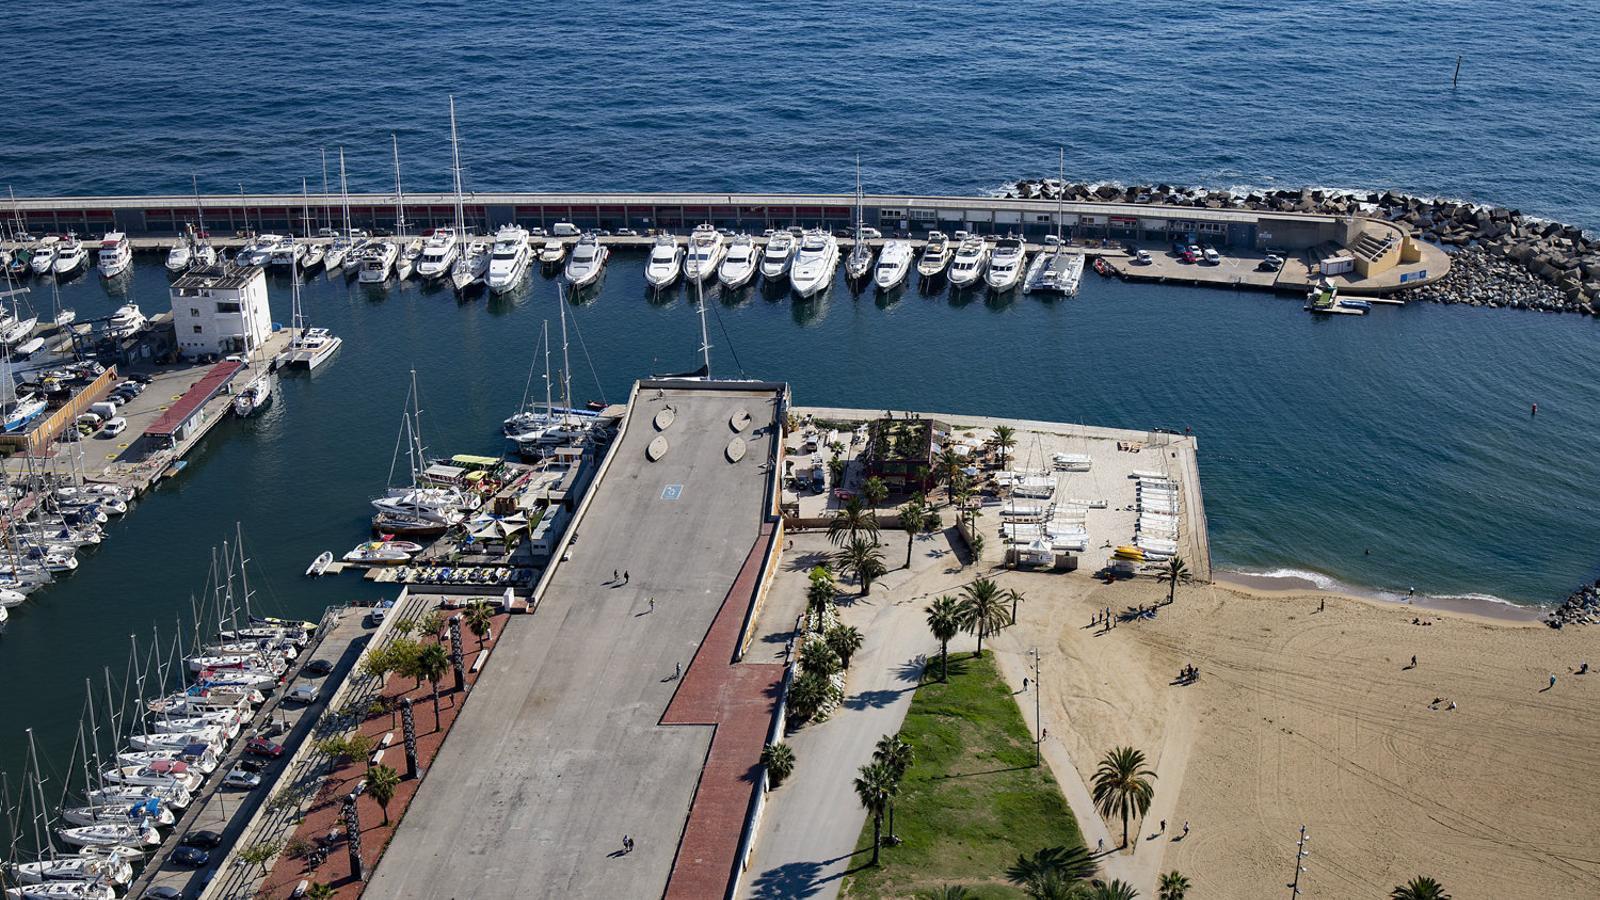 01. Un detall de les carrosses dels Reis d'Orient, guardades al magatzem. 02. El moll de la Marina, on es construirà un túnel per connectar el port amb la platja.